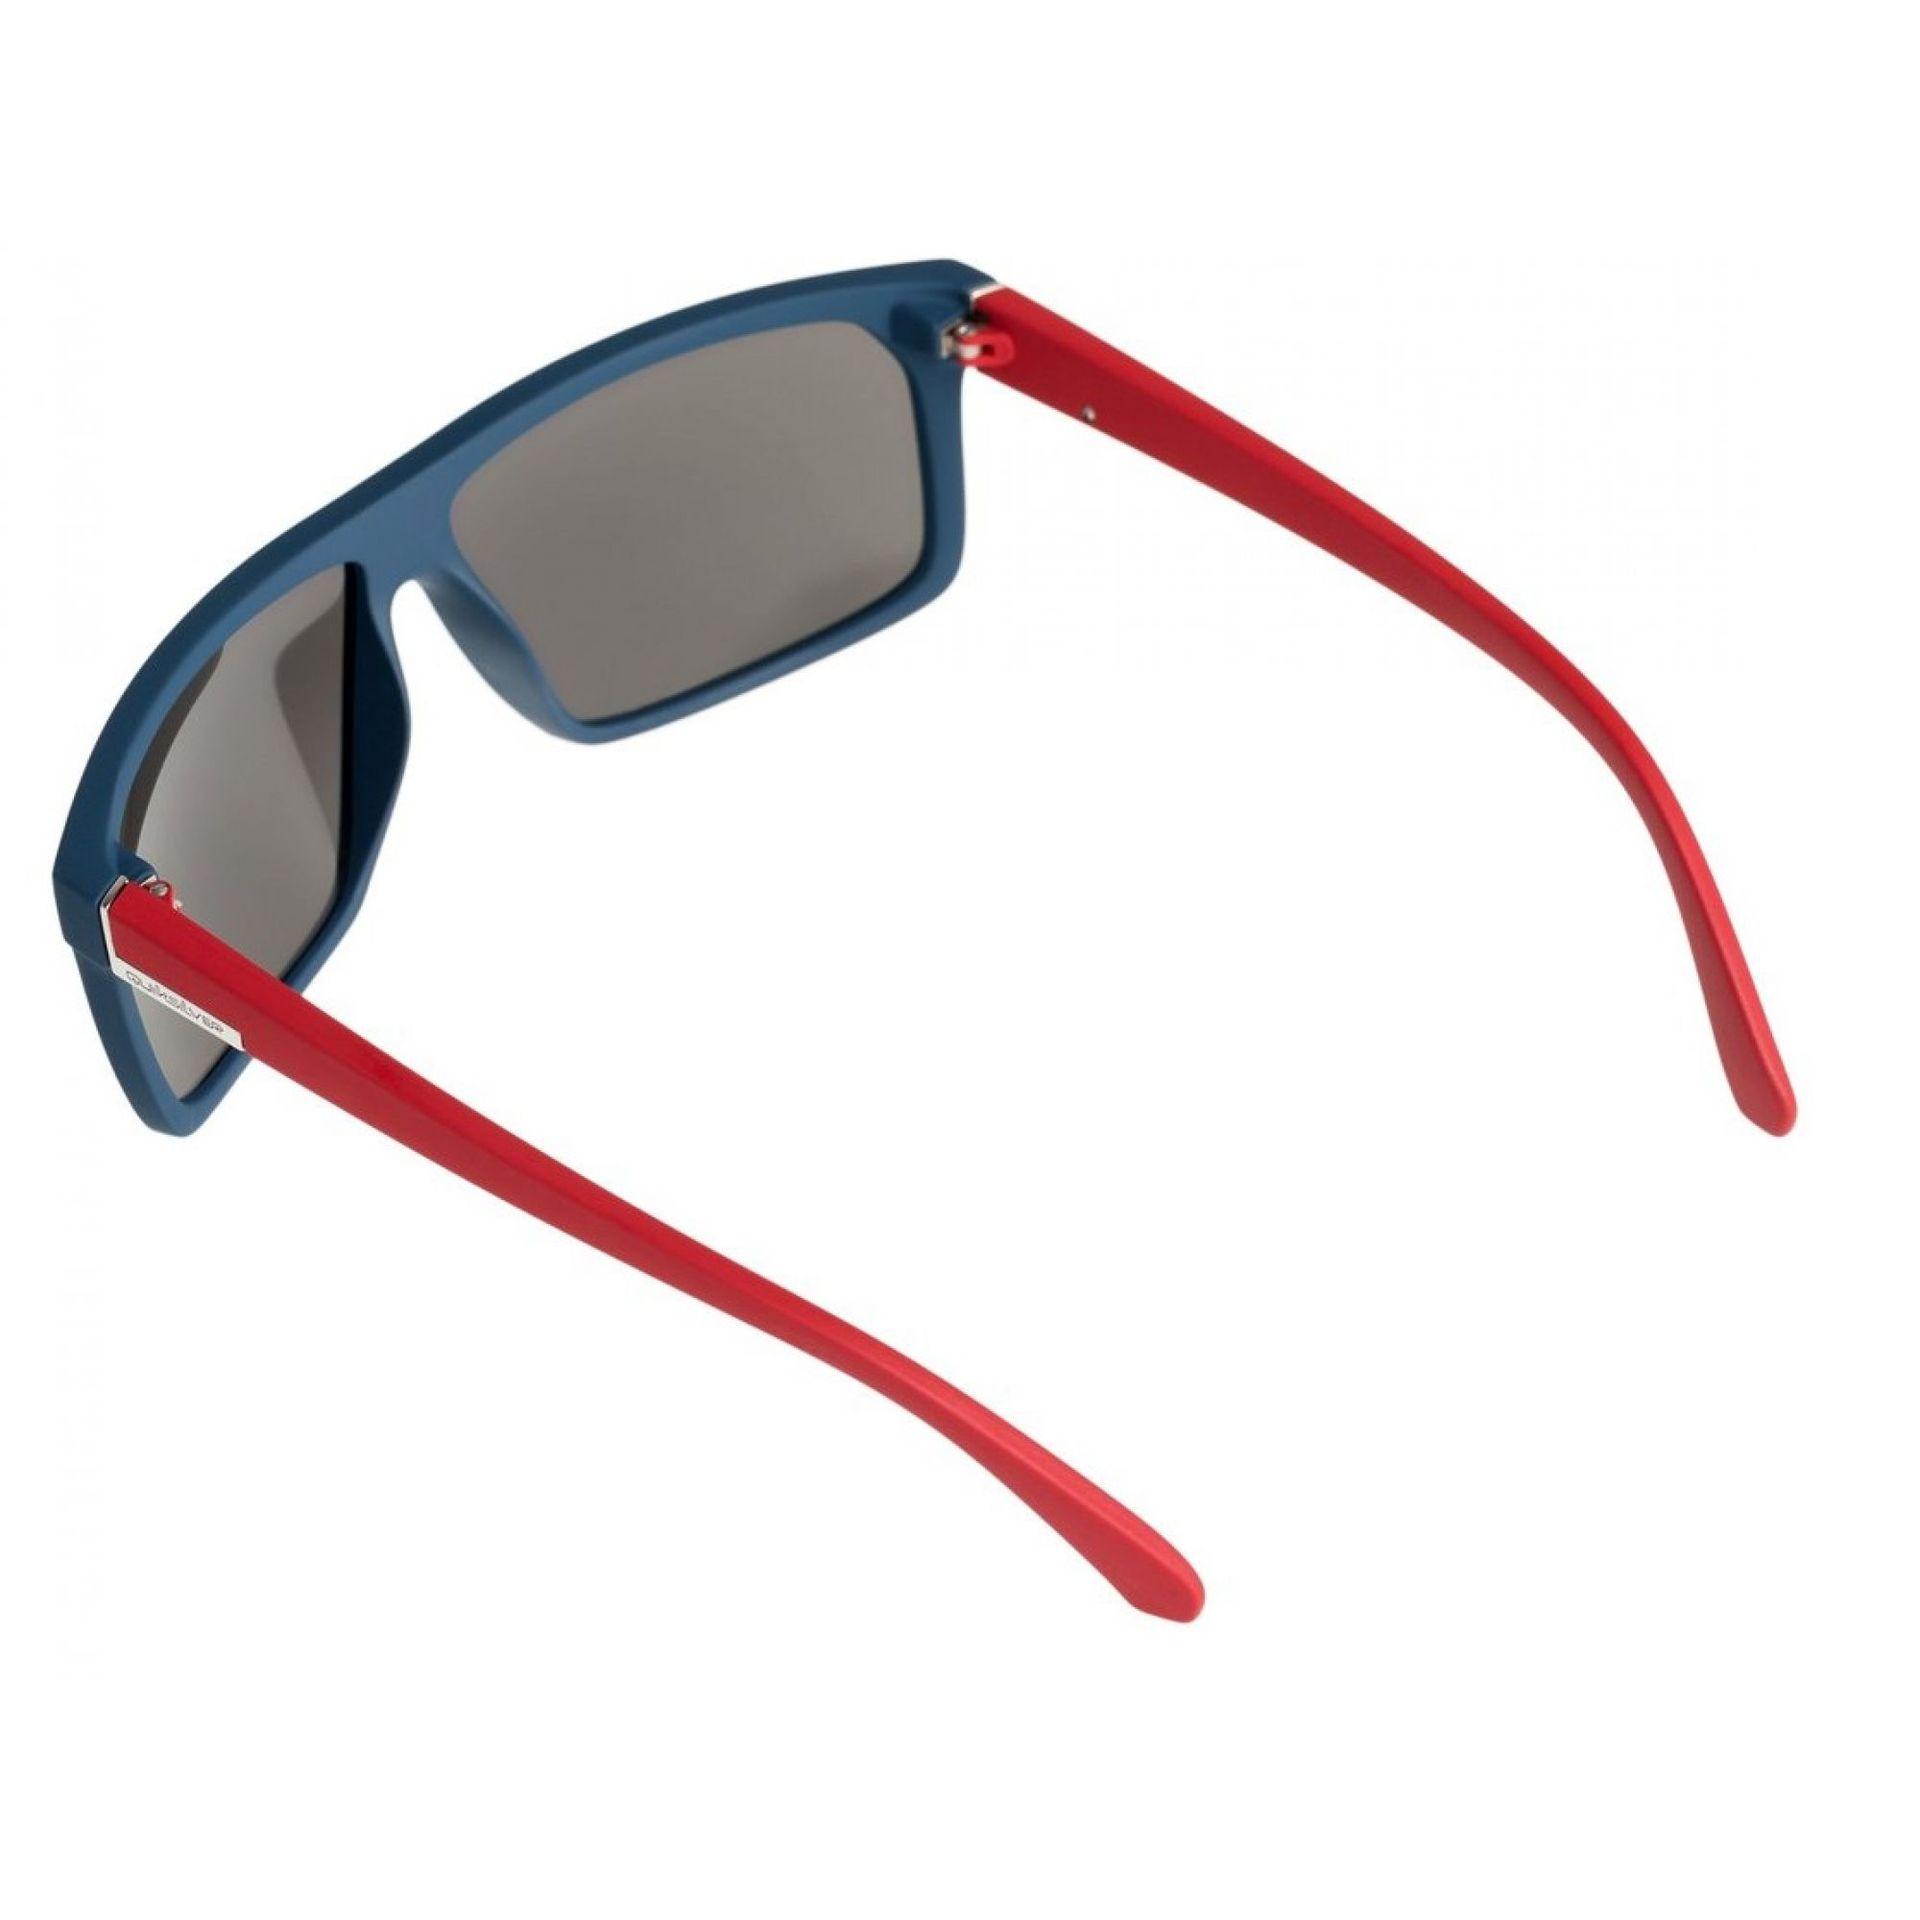 Okulary Quiksilver Moonwalker widok z tyłu czerwony